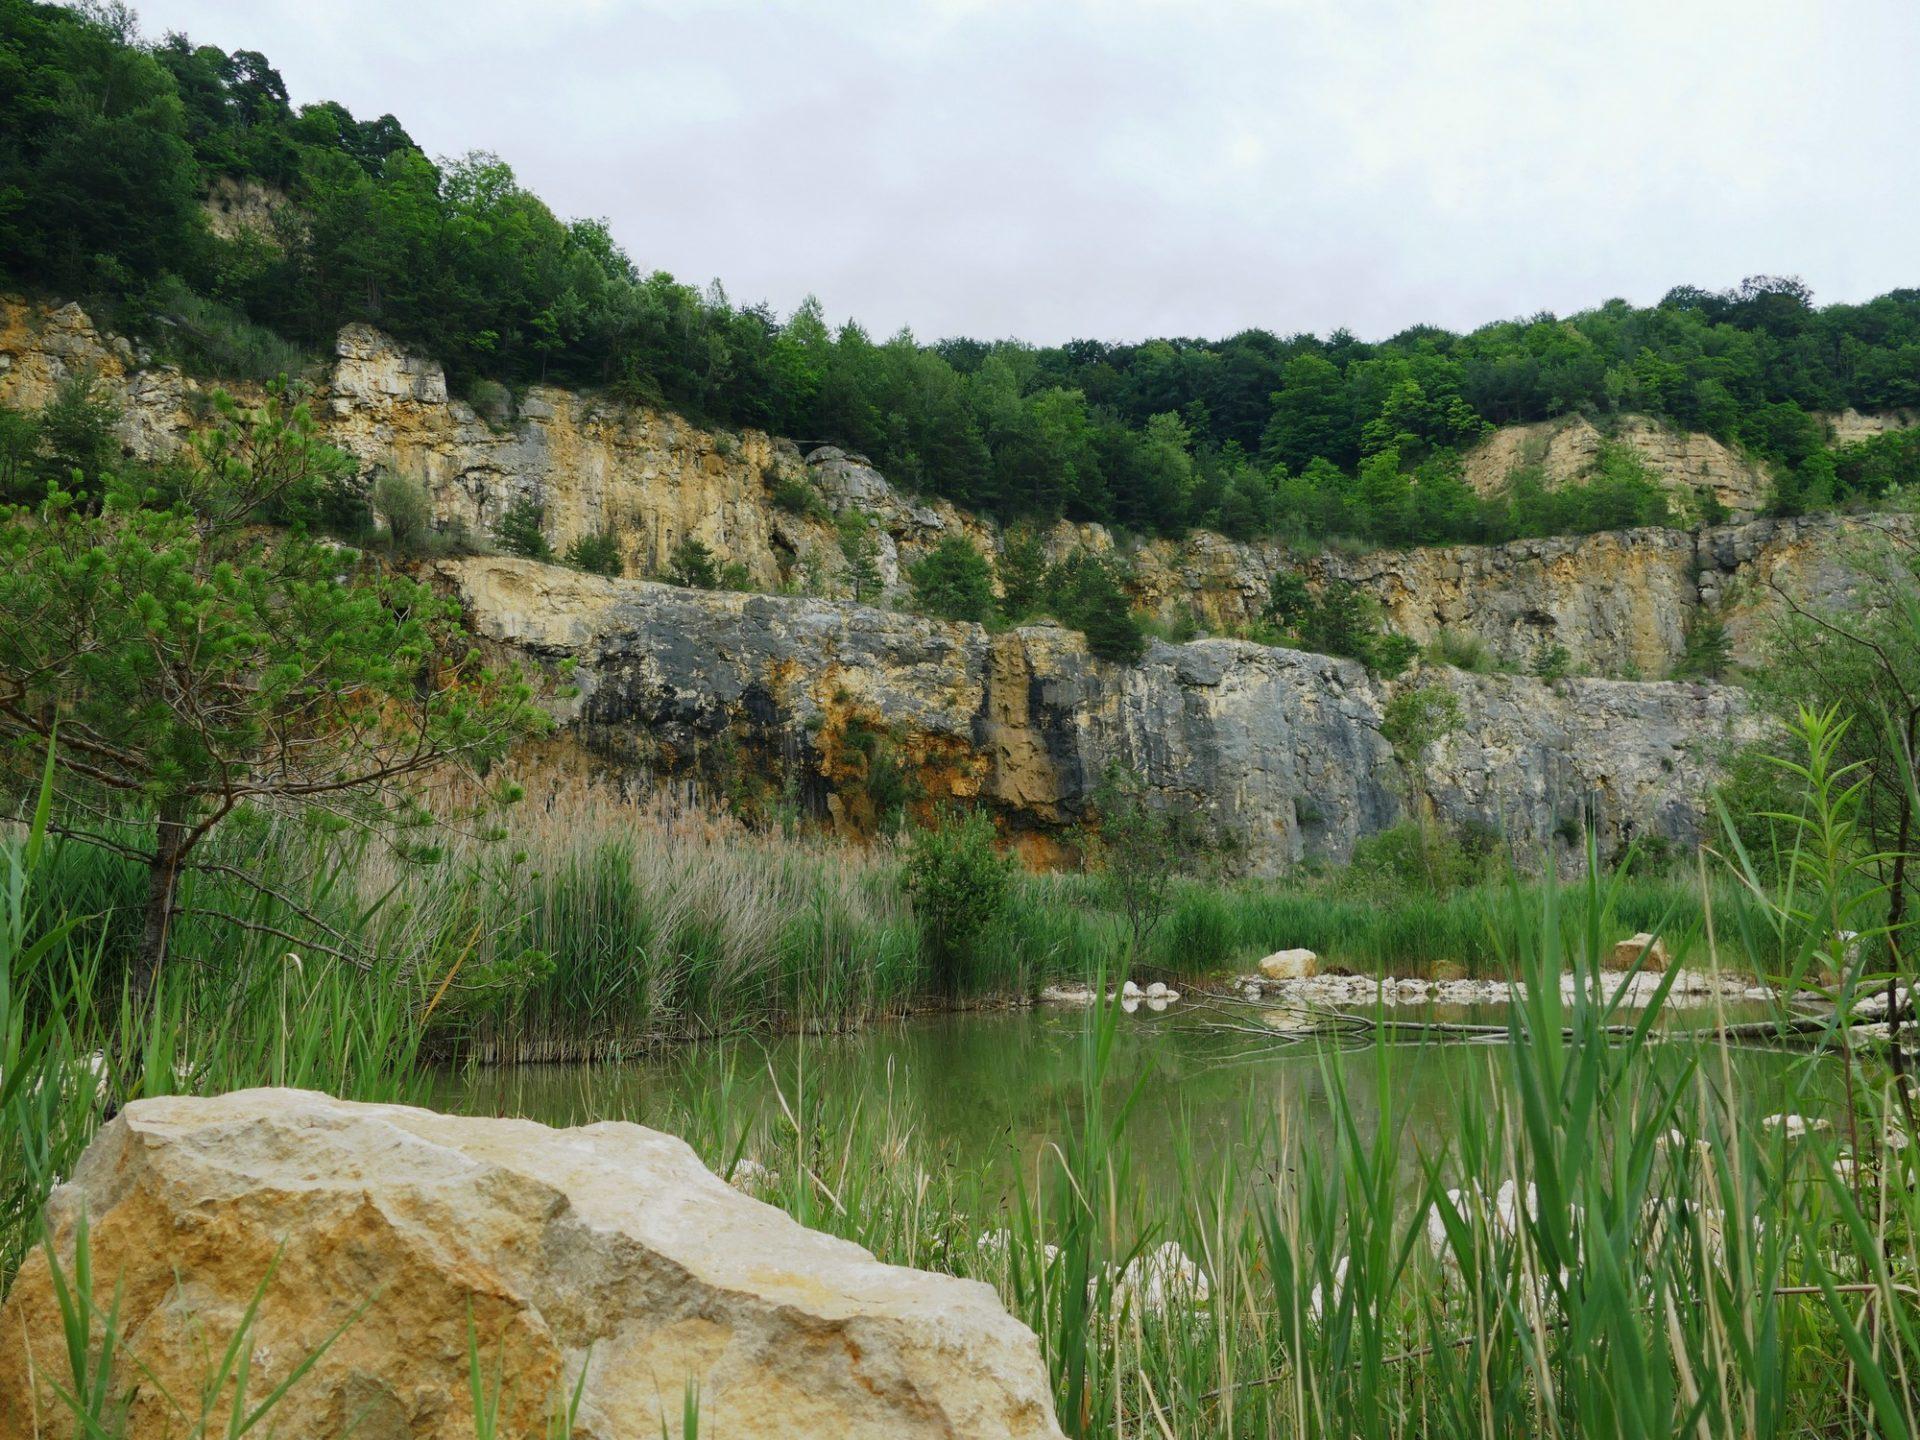 Kleinkems, Renaturierung Steinbruch